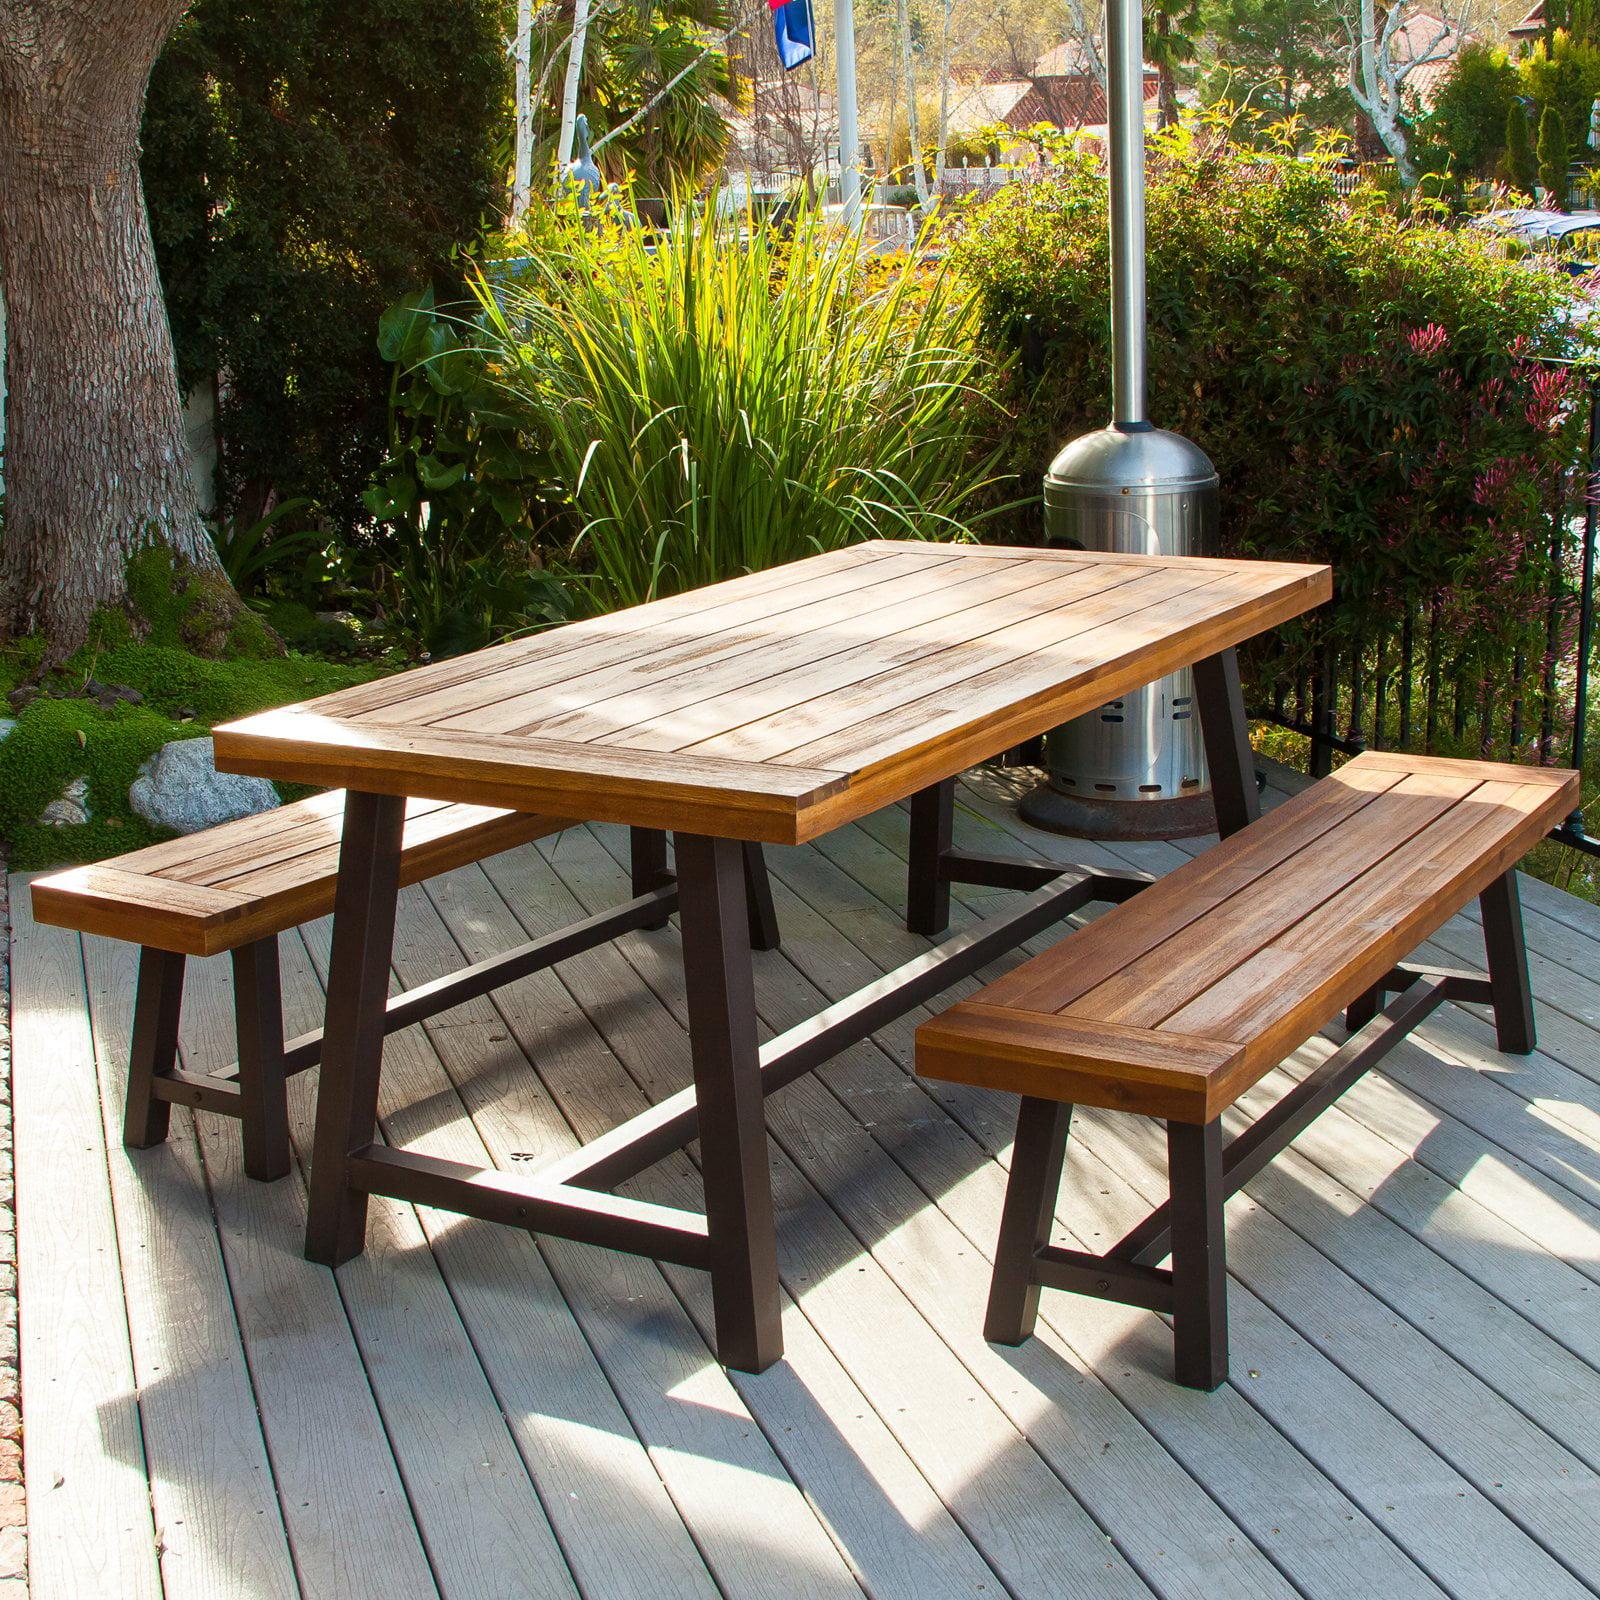 Prague 3 Piece Picnic Table Set - Walmart.com